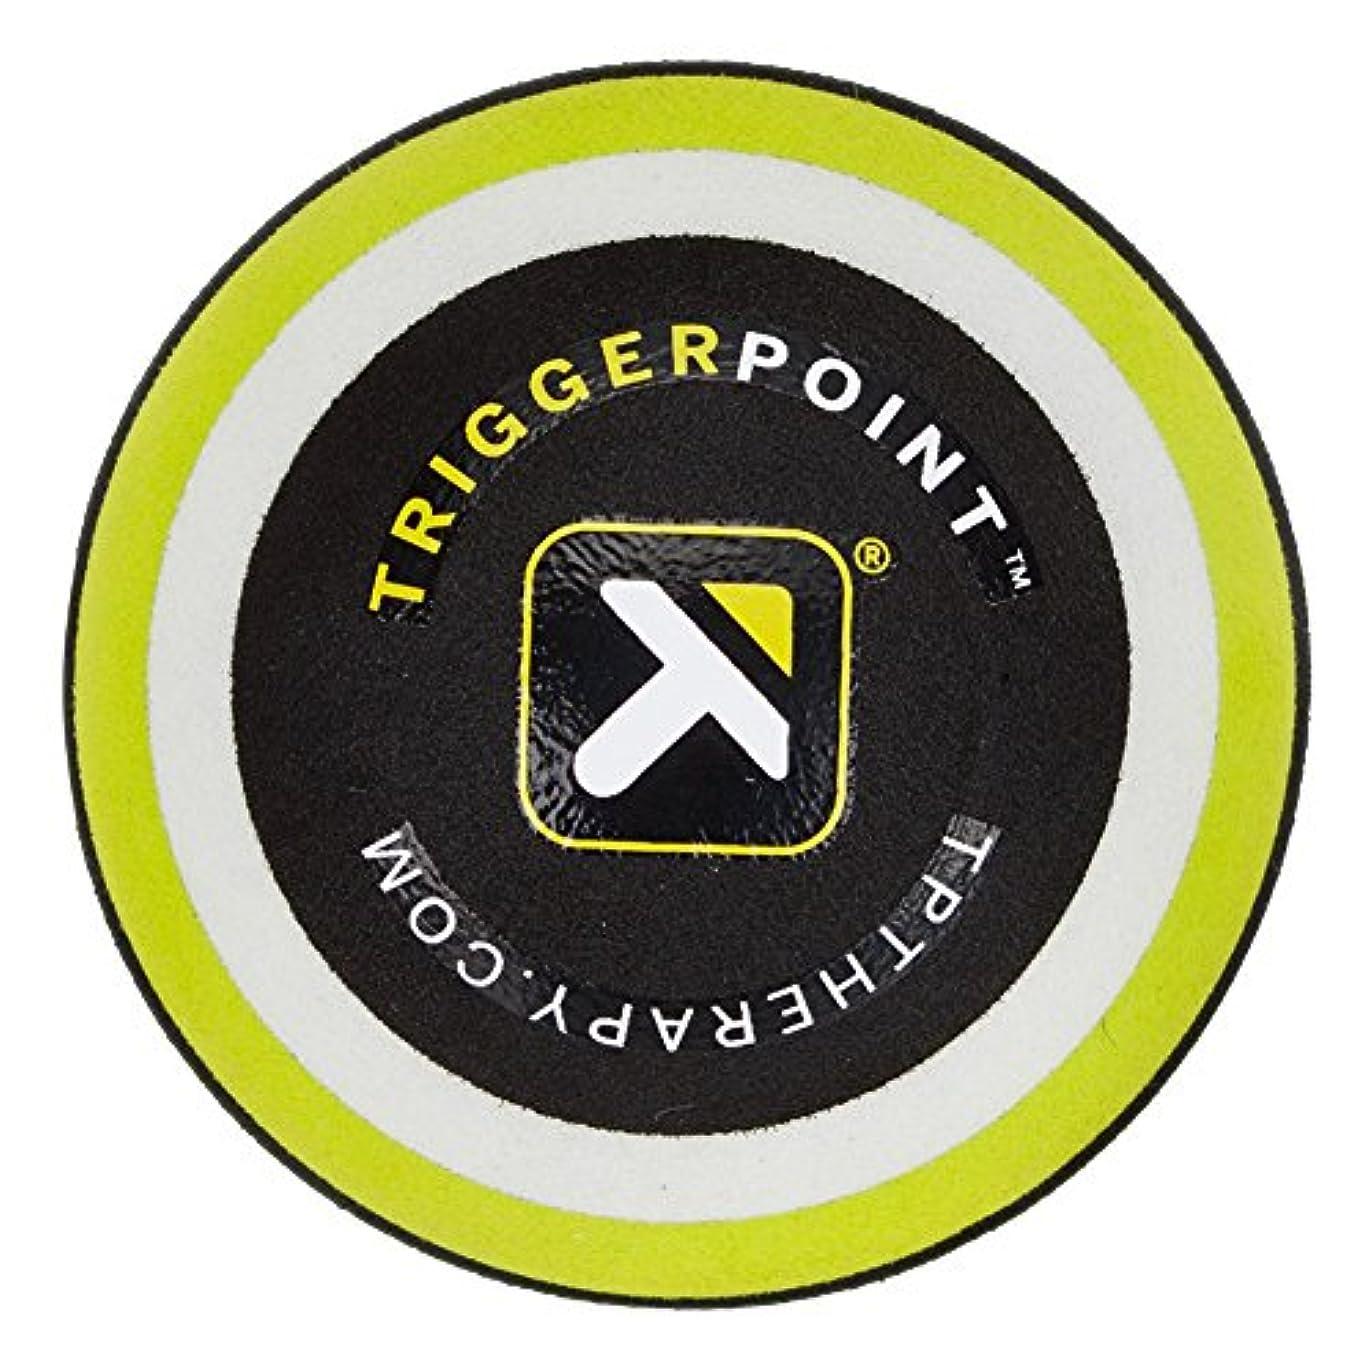 うなる累積三[ トリガーポイント ] Trigger Point マッサージボール (6.5cm) MB1 筋膜リリース 03301 グリーン ストレッチ [並行輸入品]